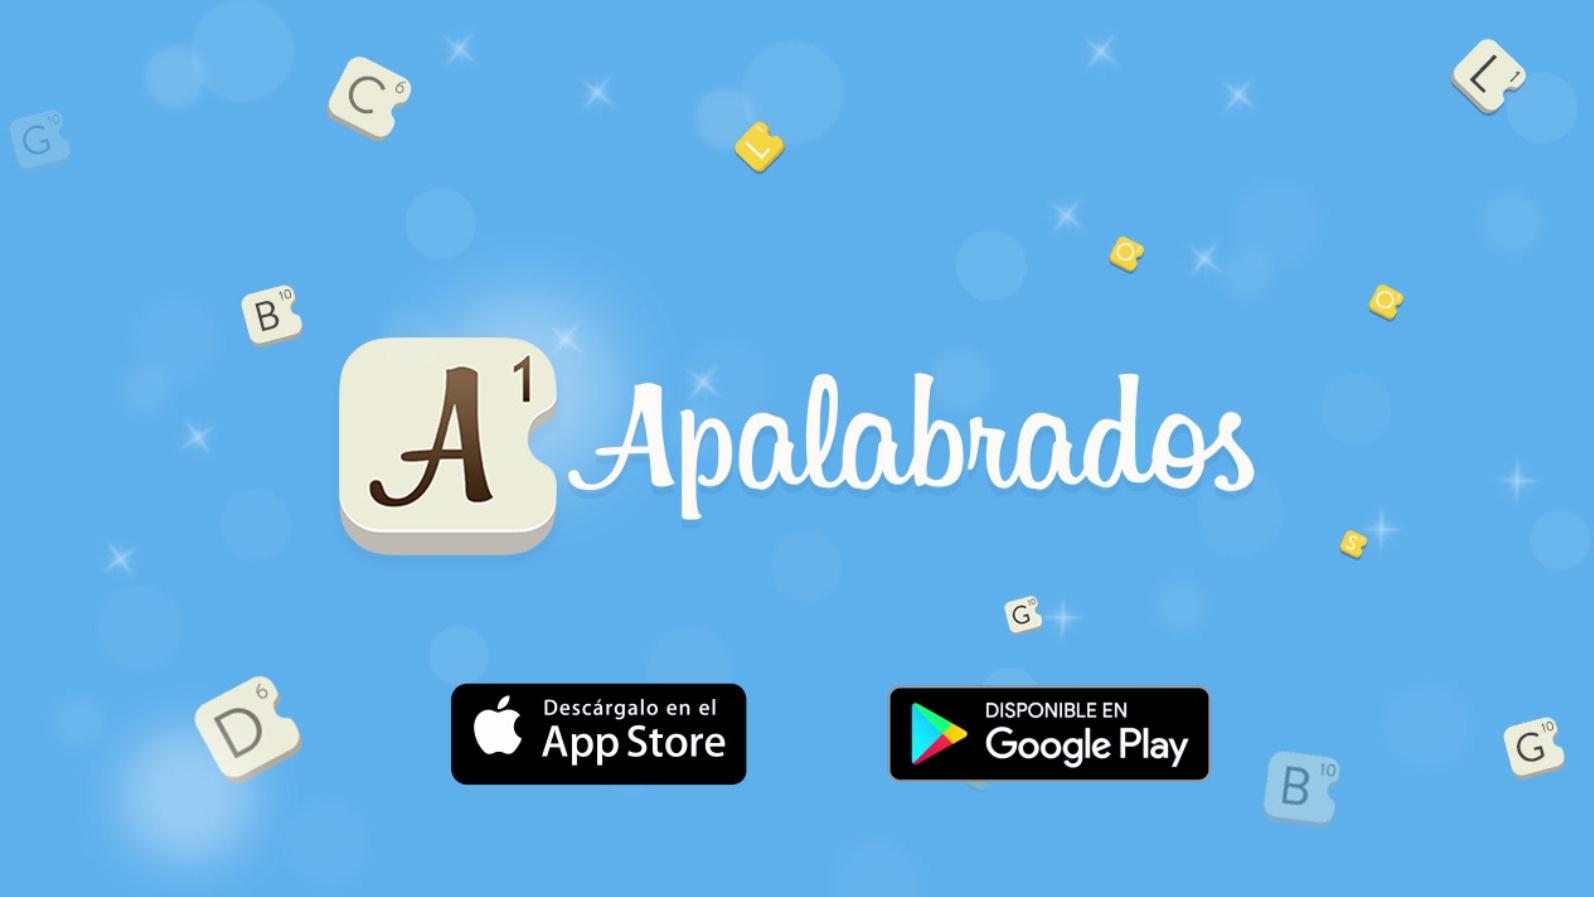 Ayuda Scrabble Palabras Scrabble Búsqueda De Palabras Buscador